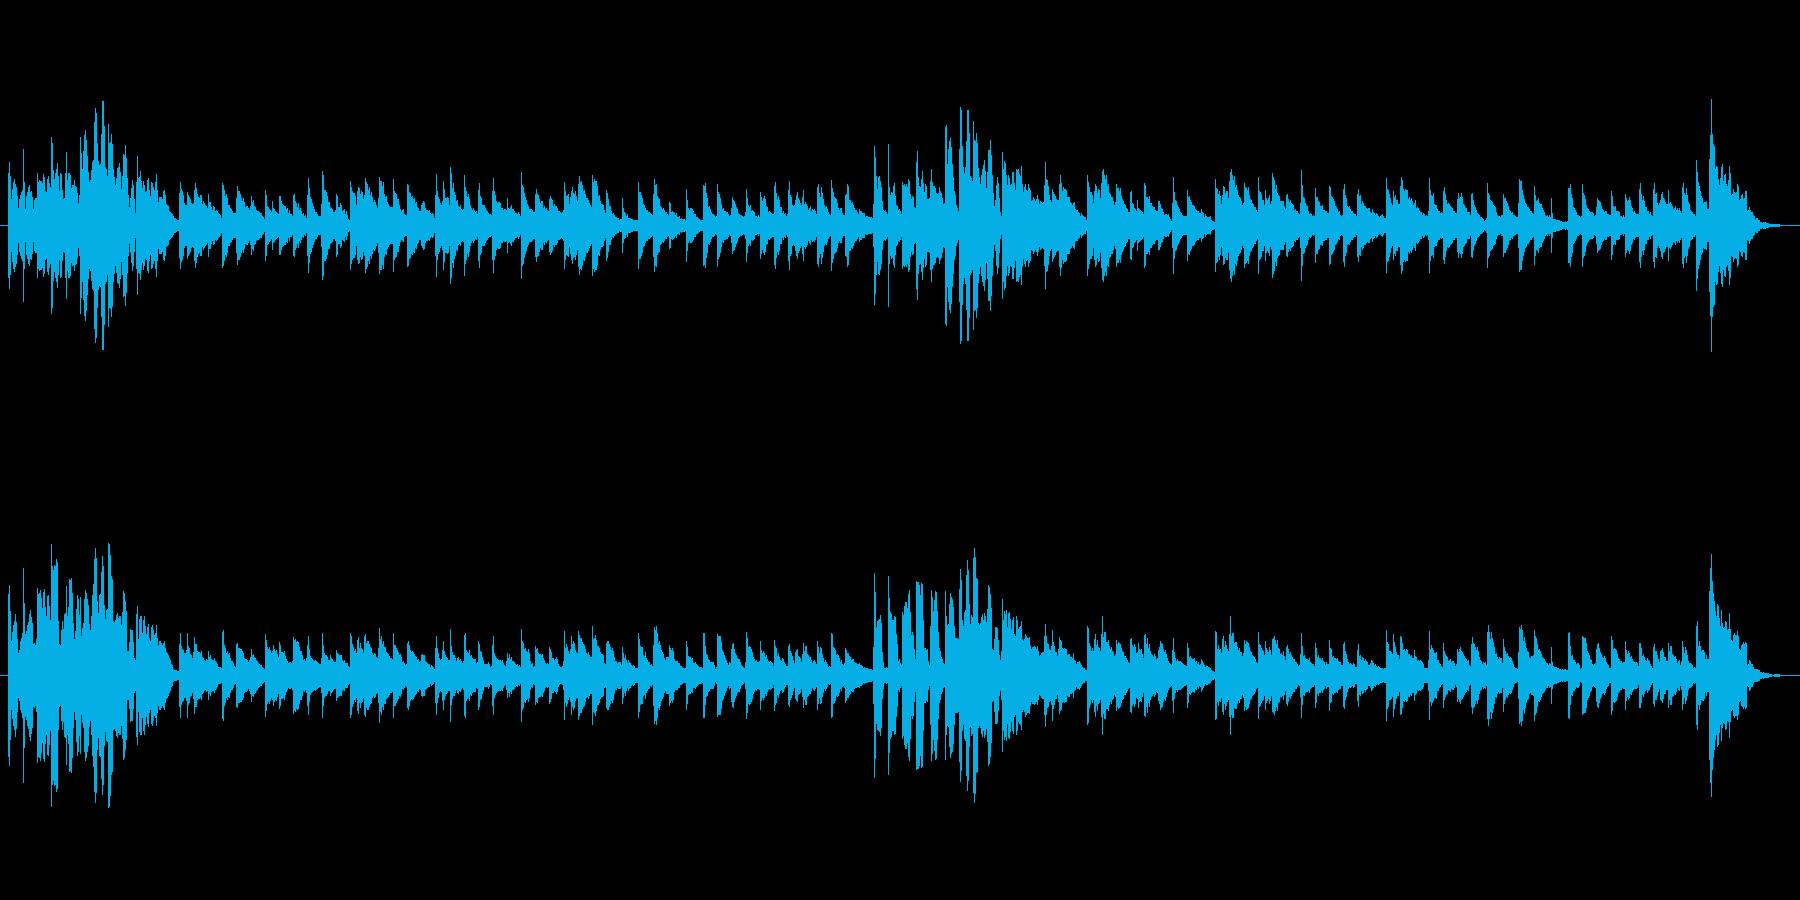 お子さんや知育向けのほのぼのシンプル音楽の再生済みの波形